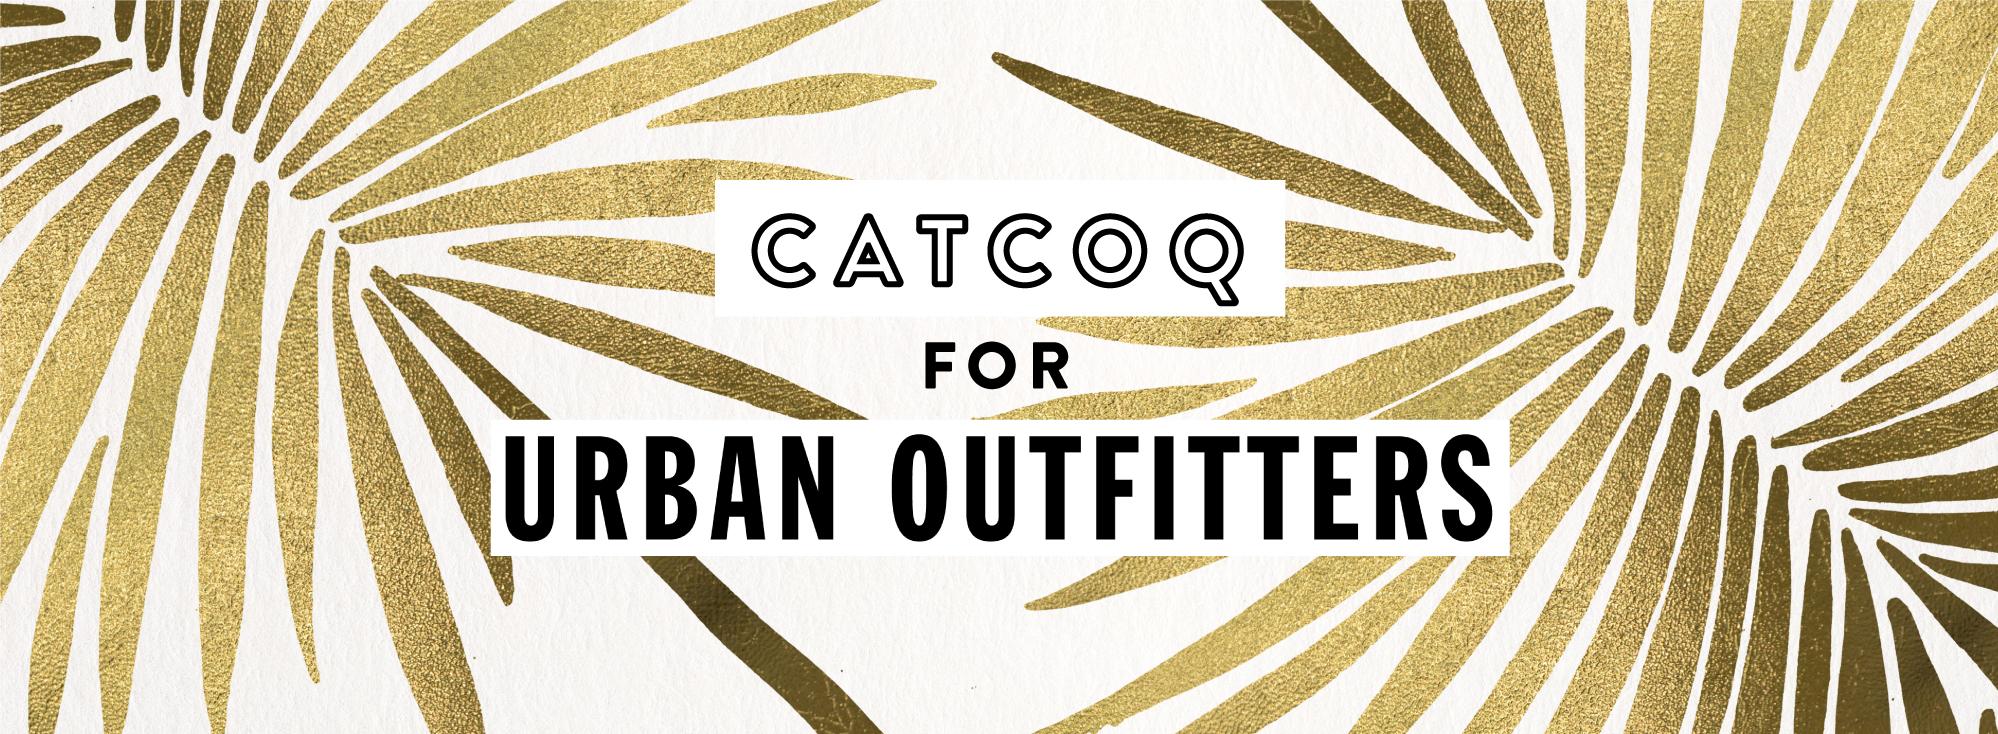 UrbanOutfitters-2019-CatCoq-Header.jpg